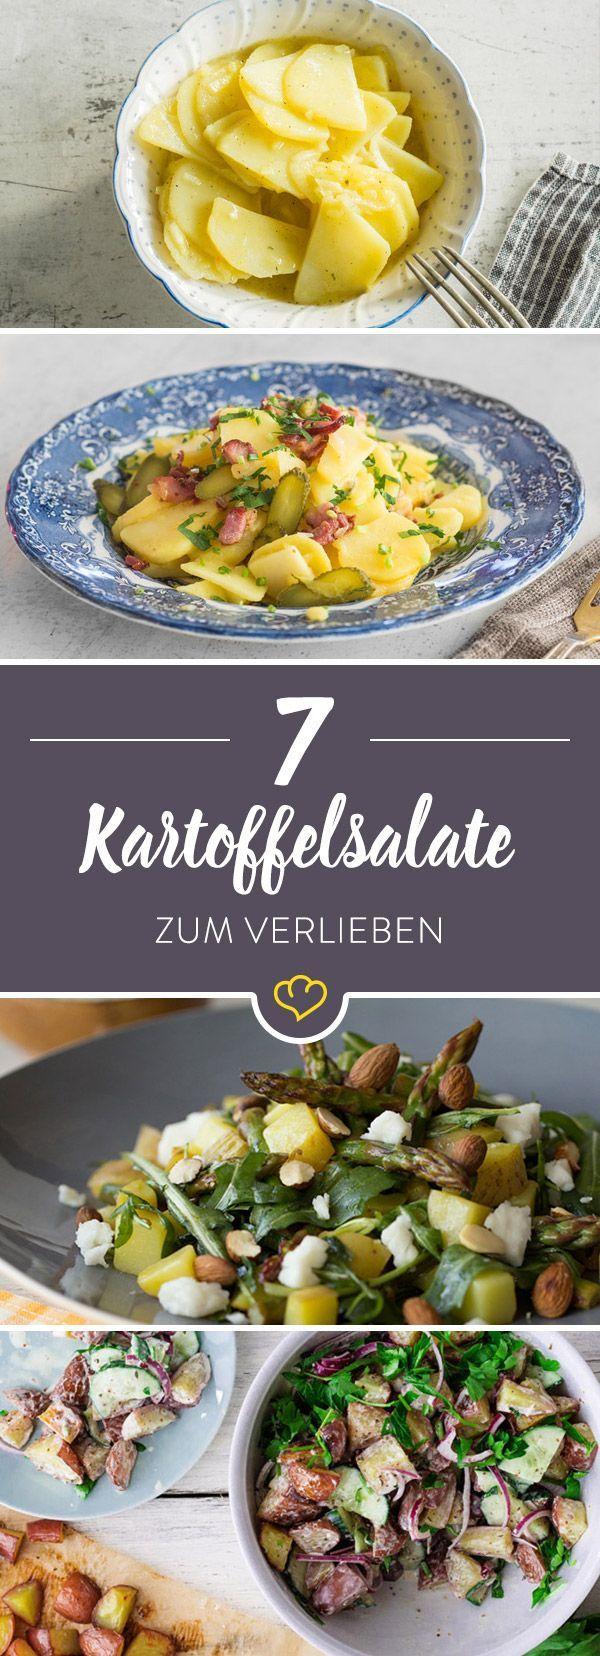 Mit Brühe oder Mayo? Mit Gurken oder Speck? Wie sieht er denn nun aus, der klassische Kartoffelsalat? Sieben Ideen für deinen Lieblingssalat.